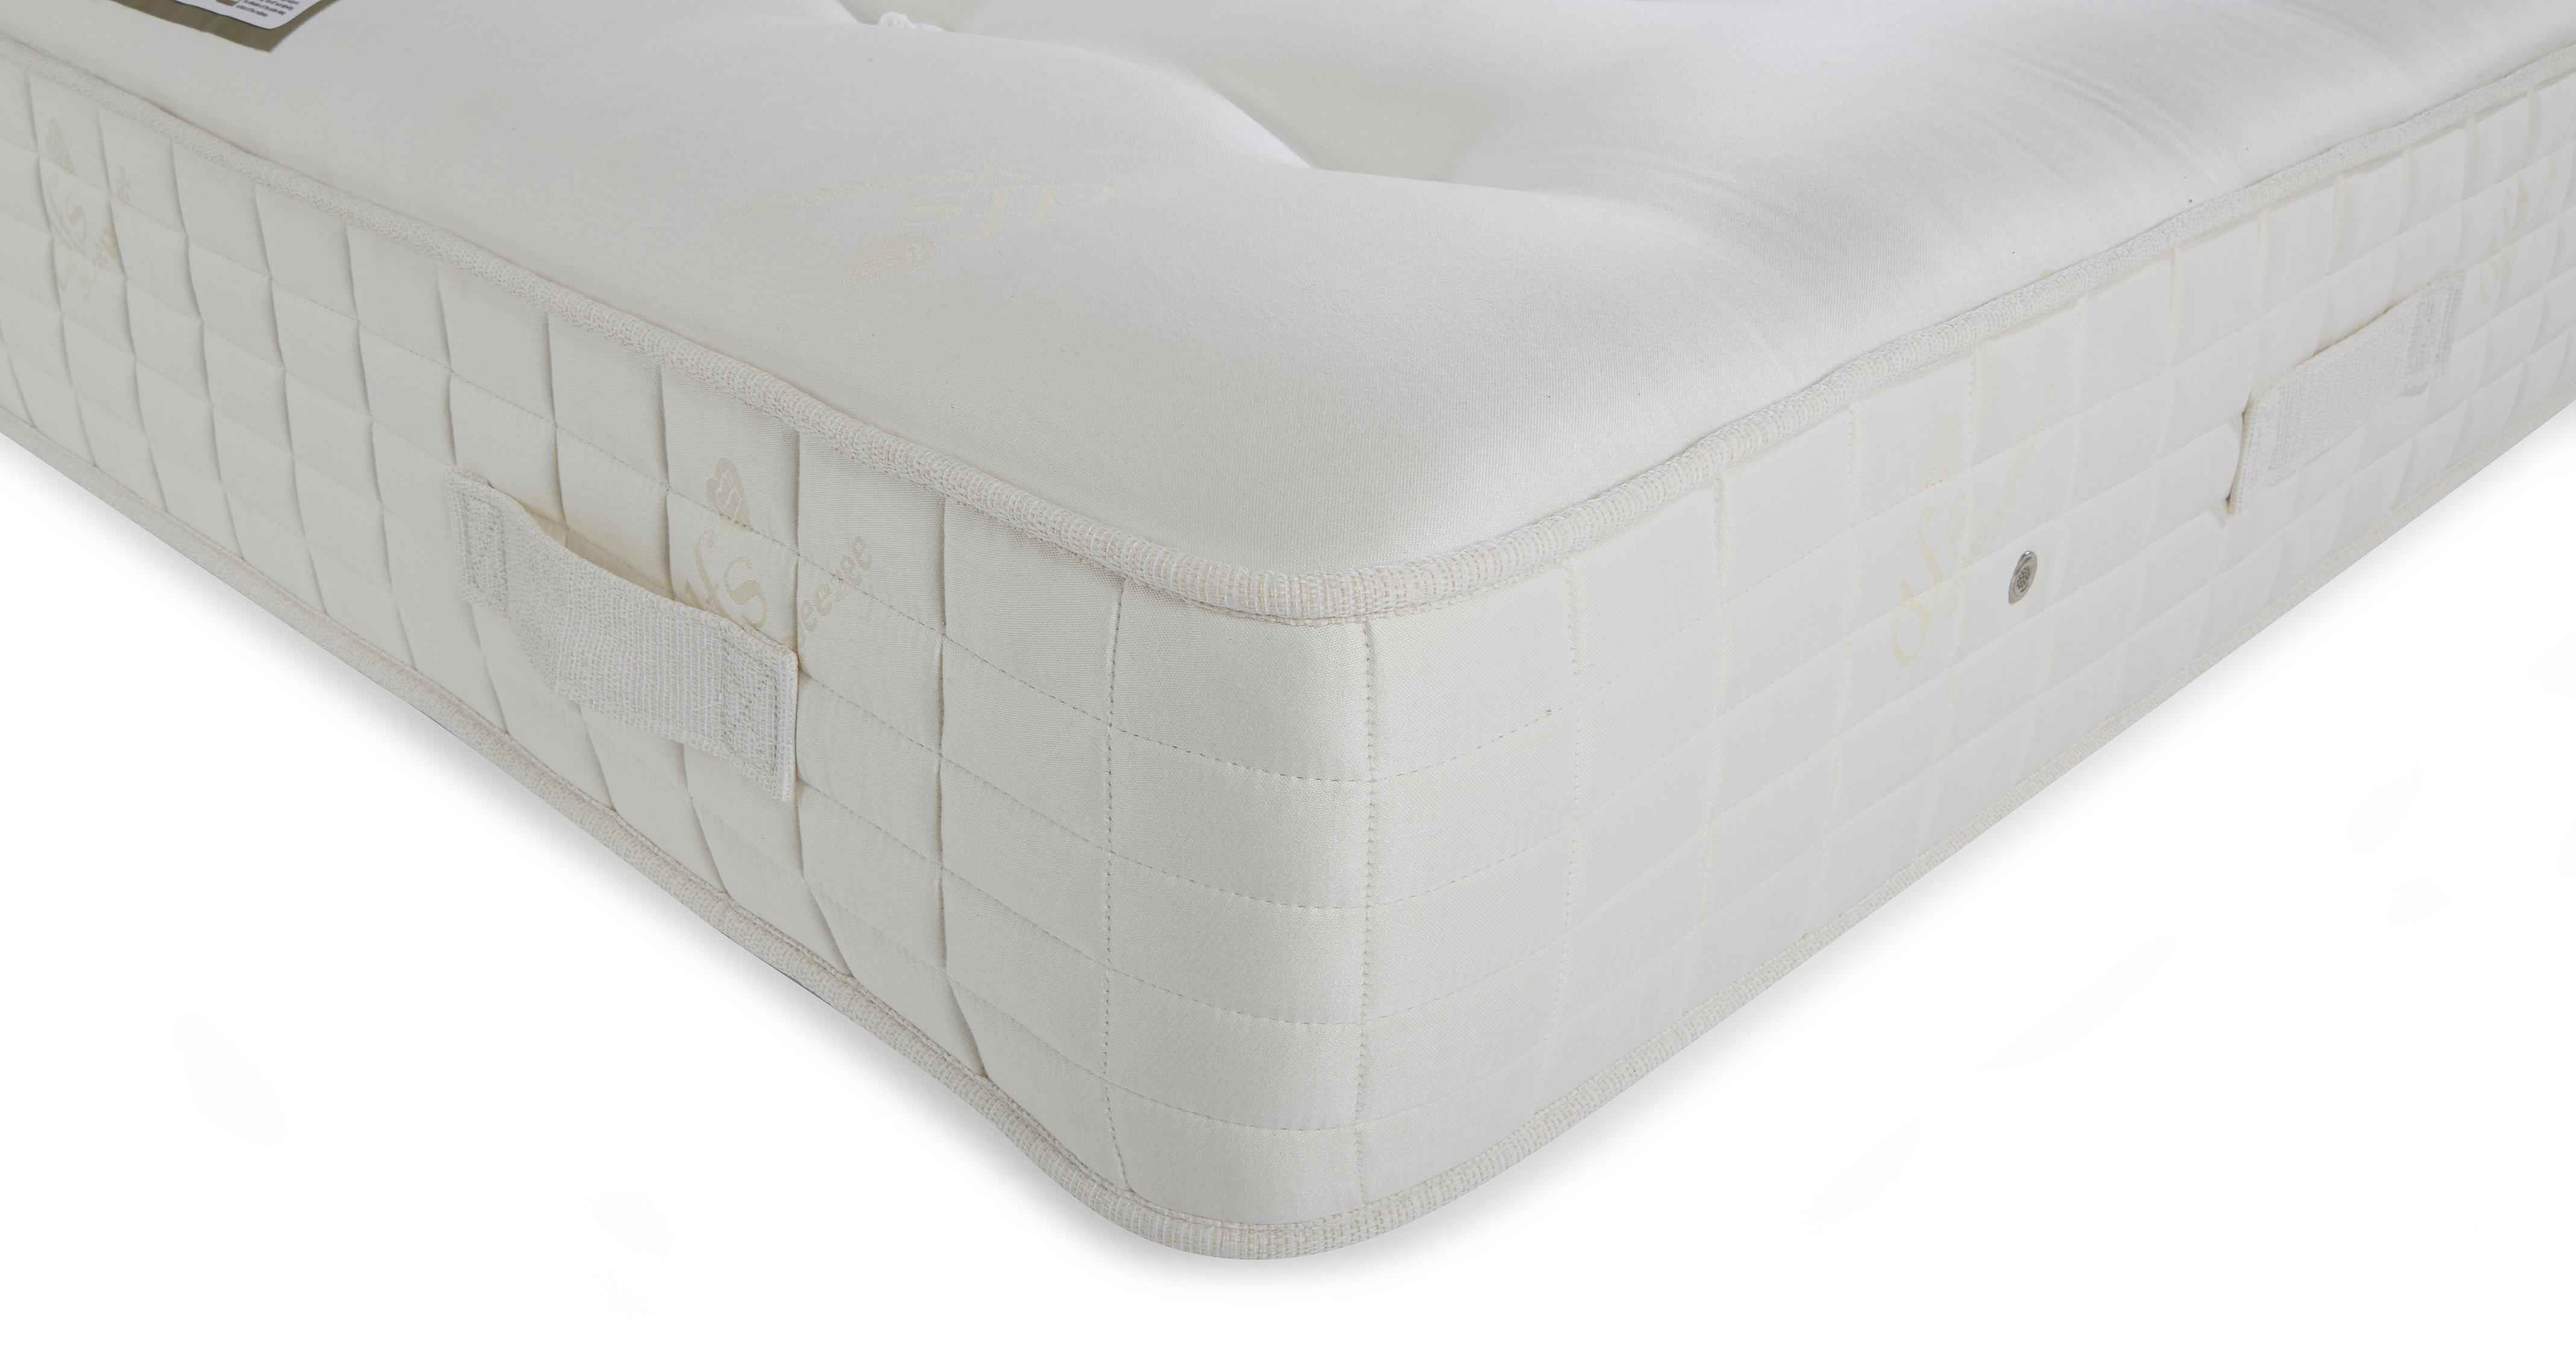 1800 mattress: